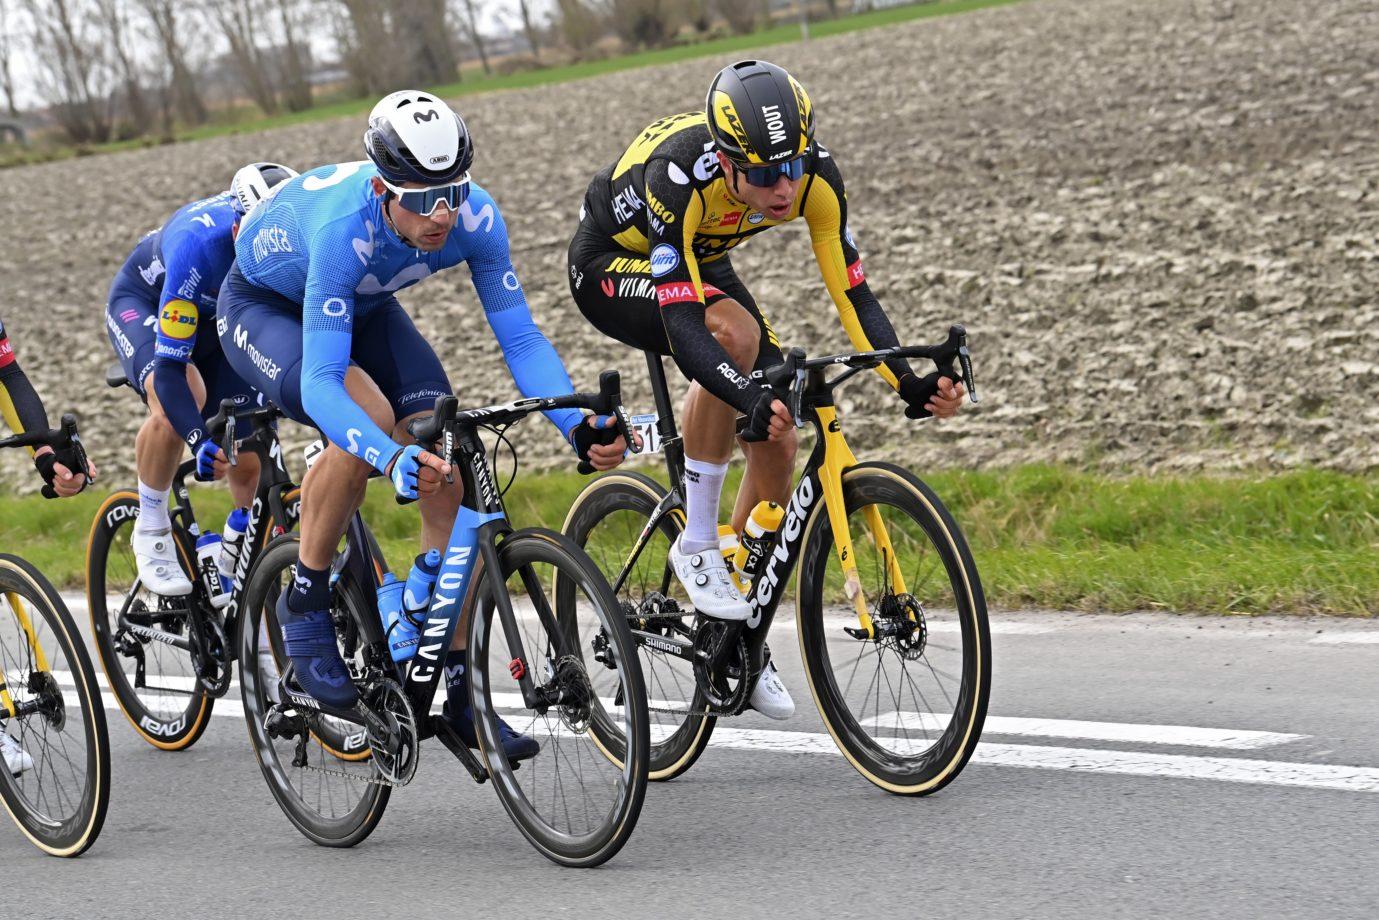 2021 men's Ronde van Vlaanderen